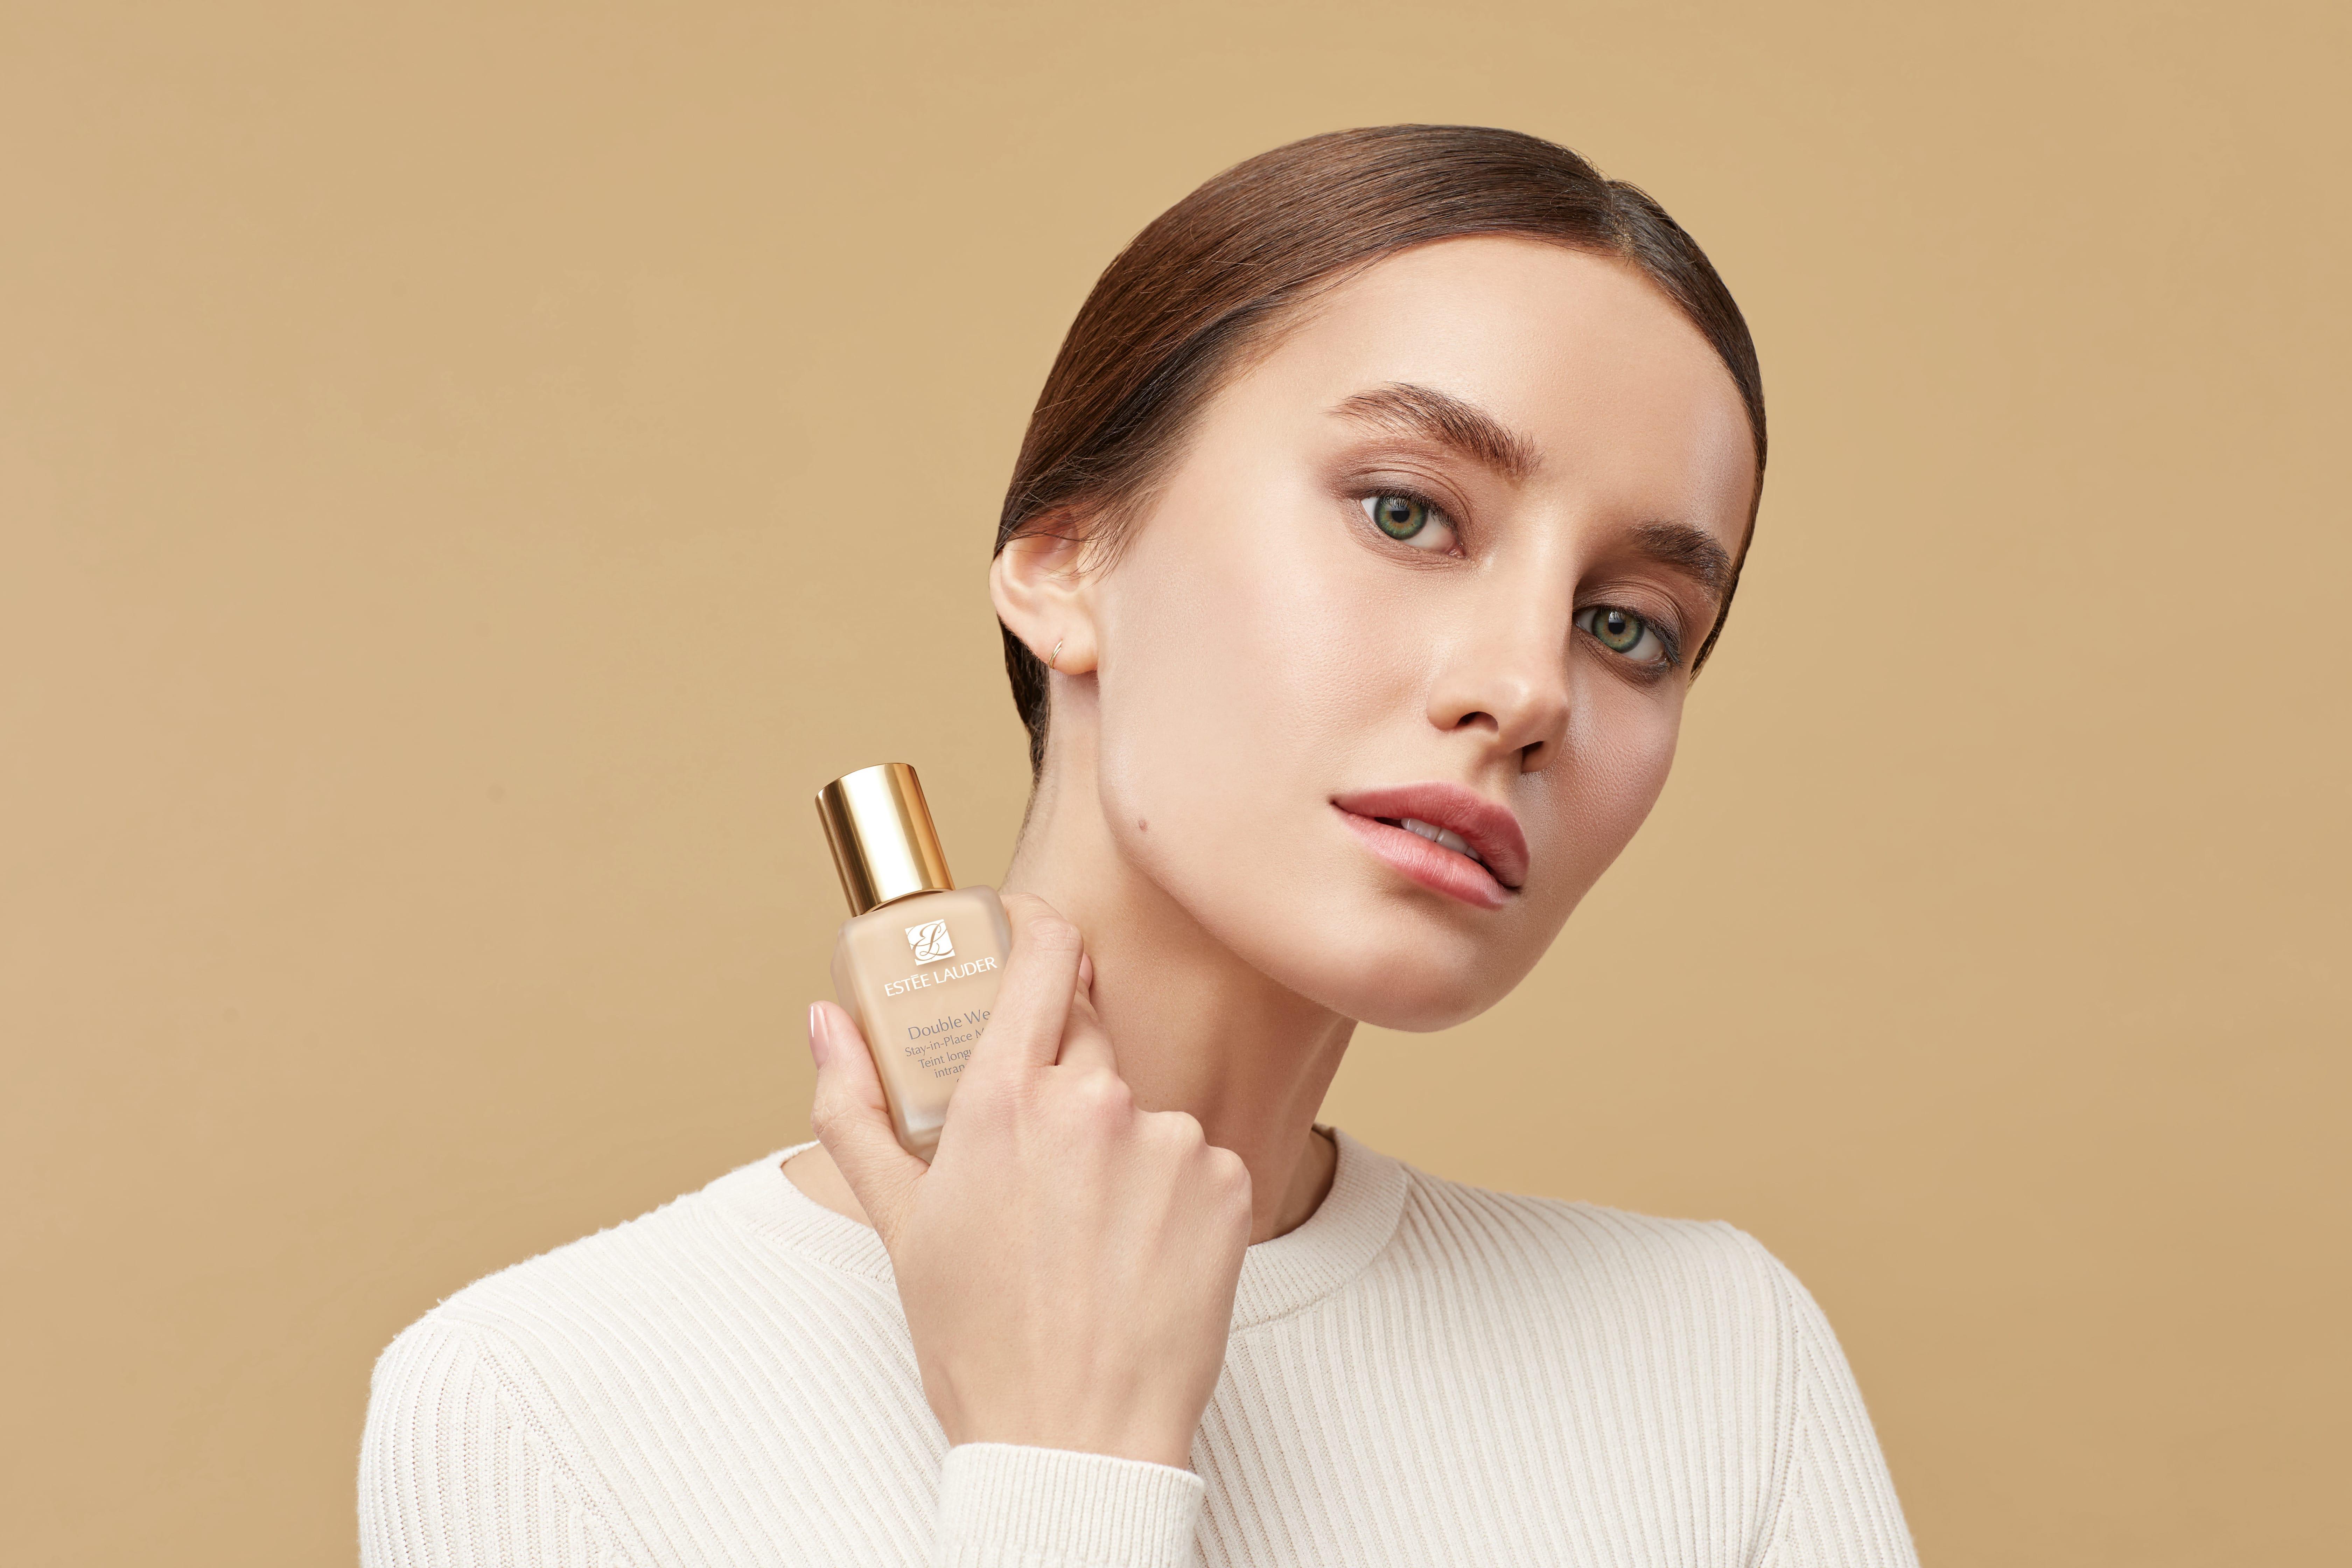 Тональный крем Double Wear SPF 10 от Estée Lauder на лице